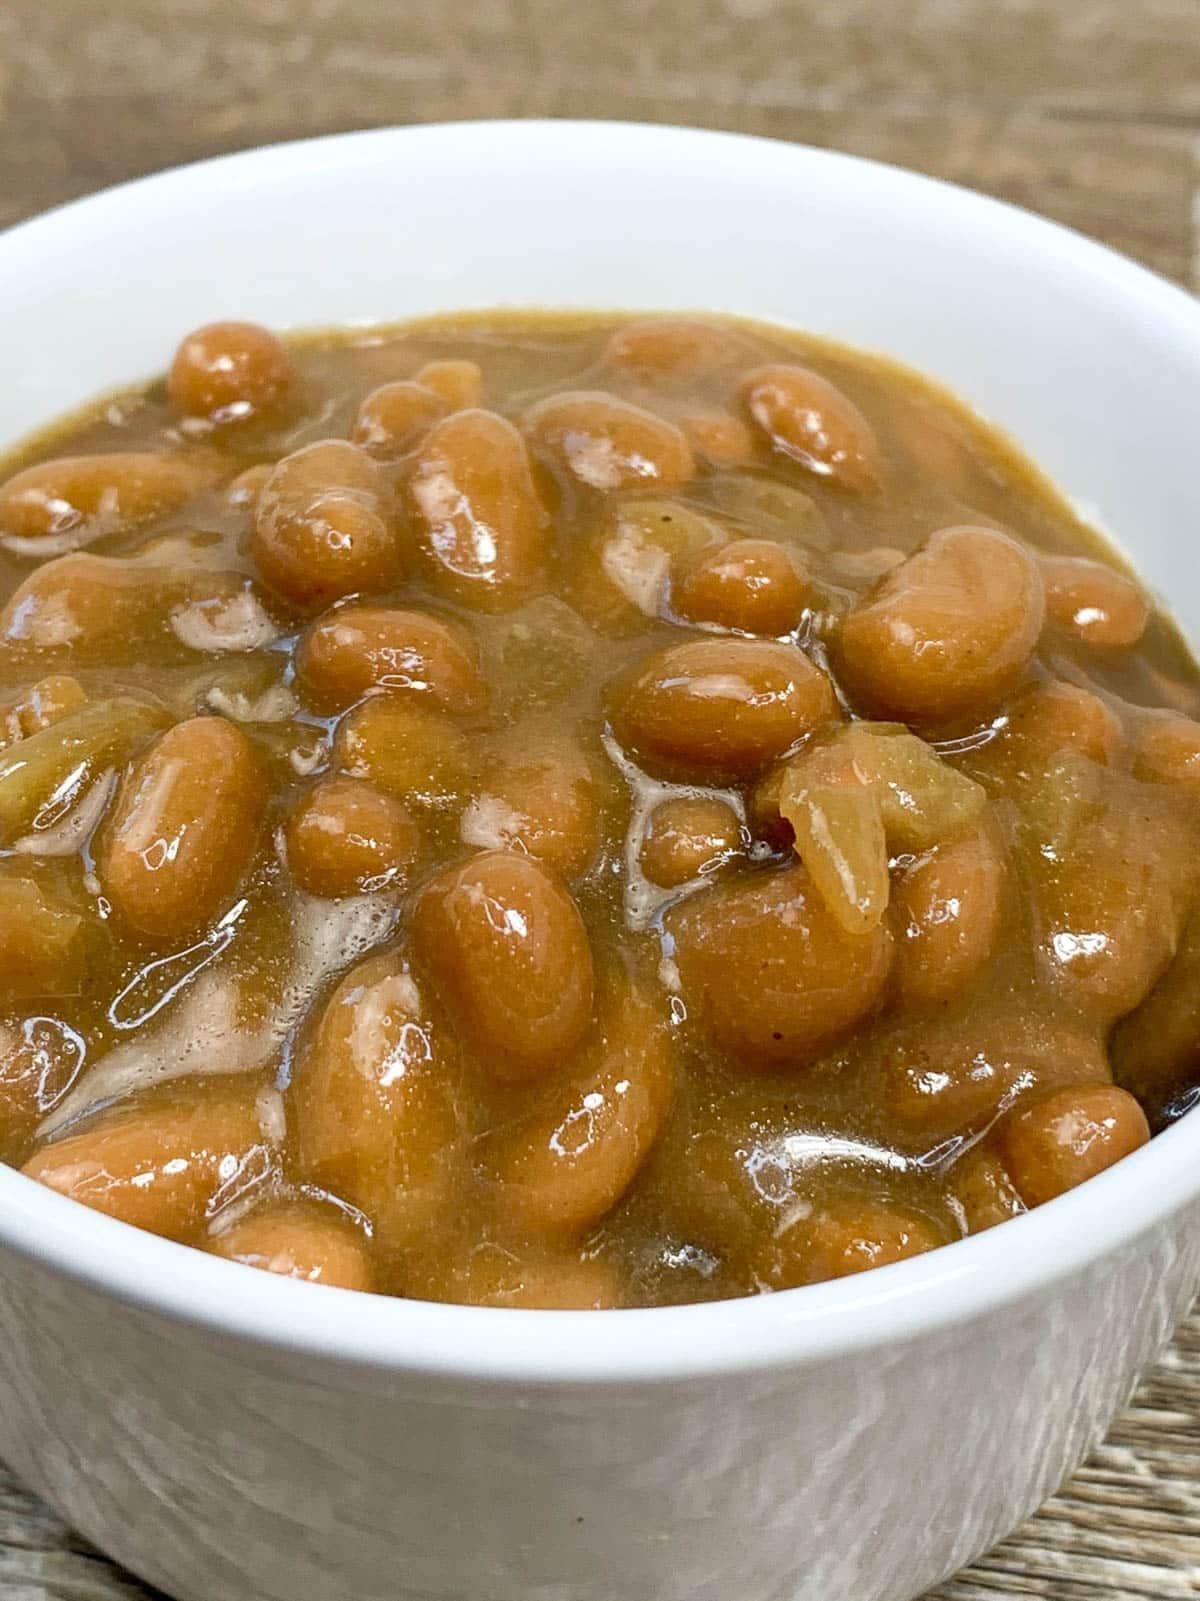 jack daniel's baked beans